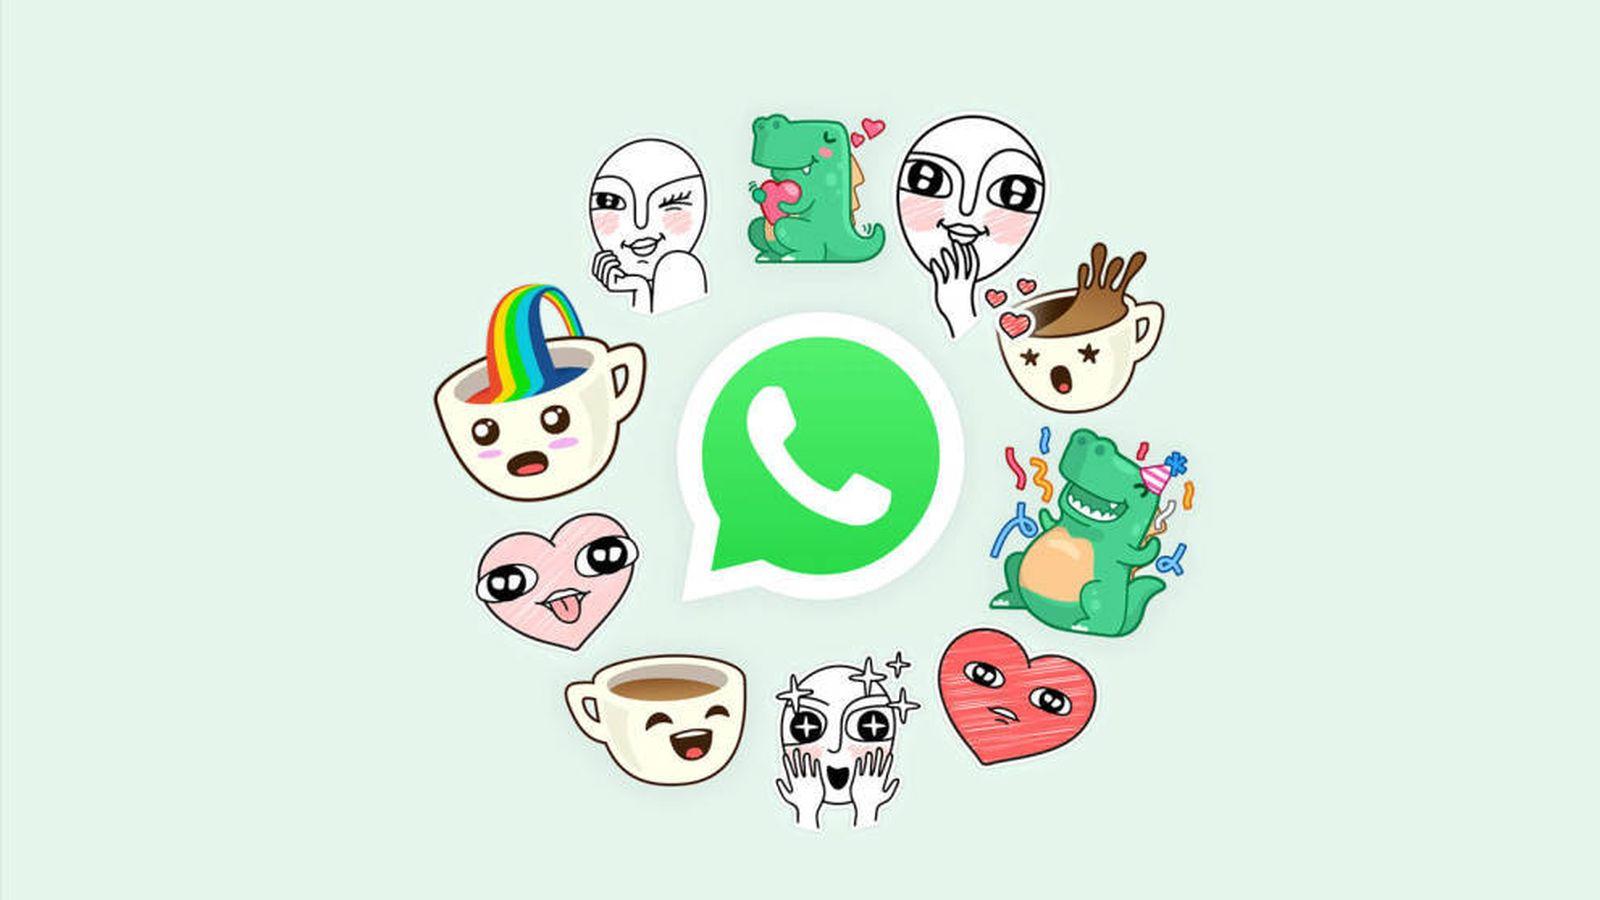 Whatsapp Se Un Maestro De Los Stickers De Whatsapp Asi Puedes Descargarlos O Crear Los Tuyos Disponible para android en mediafire. maestro de los stickers de whatsapp